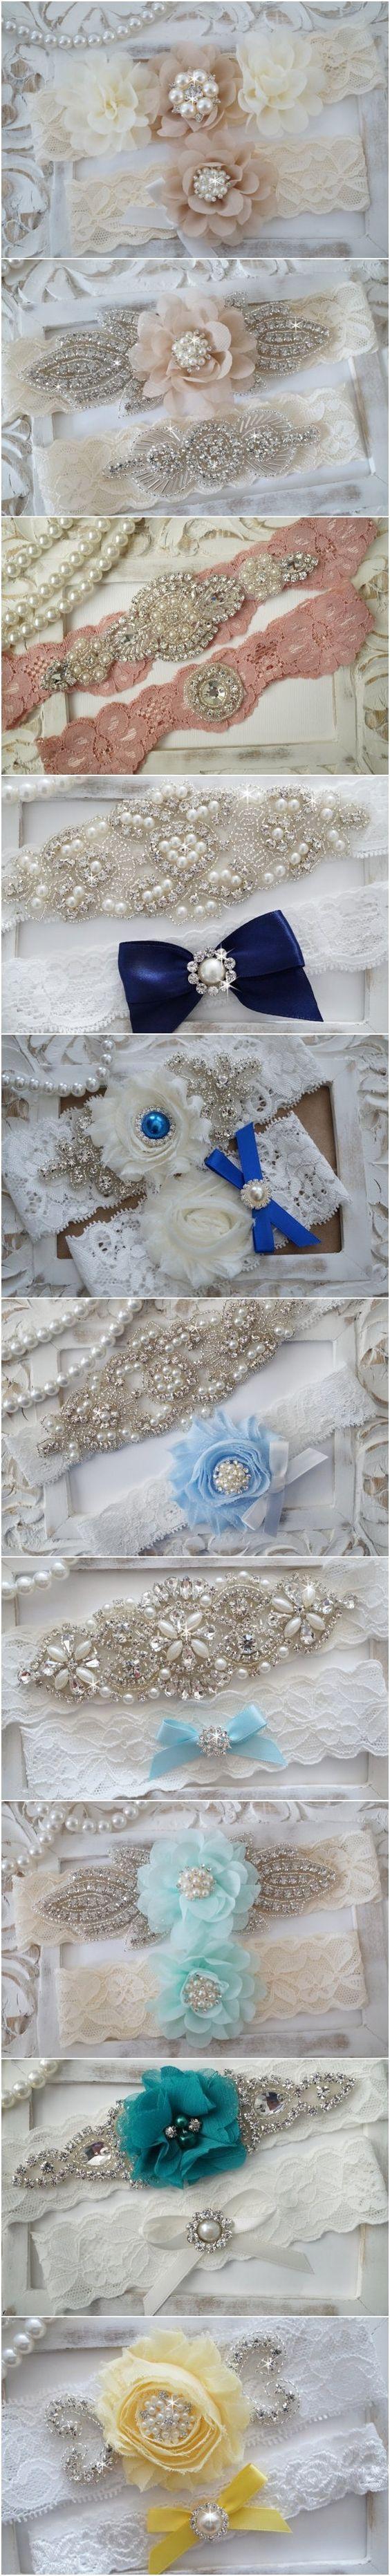 Vintage Lace Wedding Garter Set via OneFancyDay | Deer Pearl Flowers